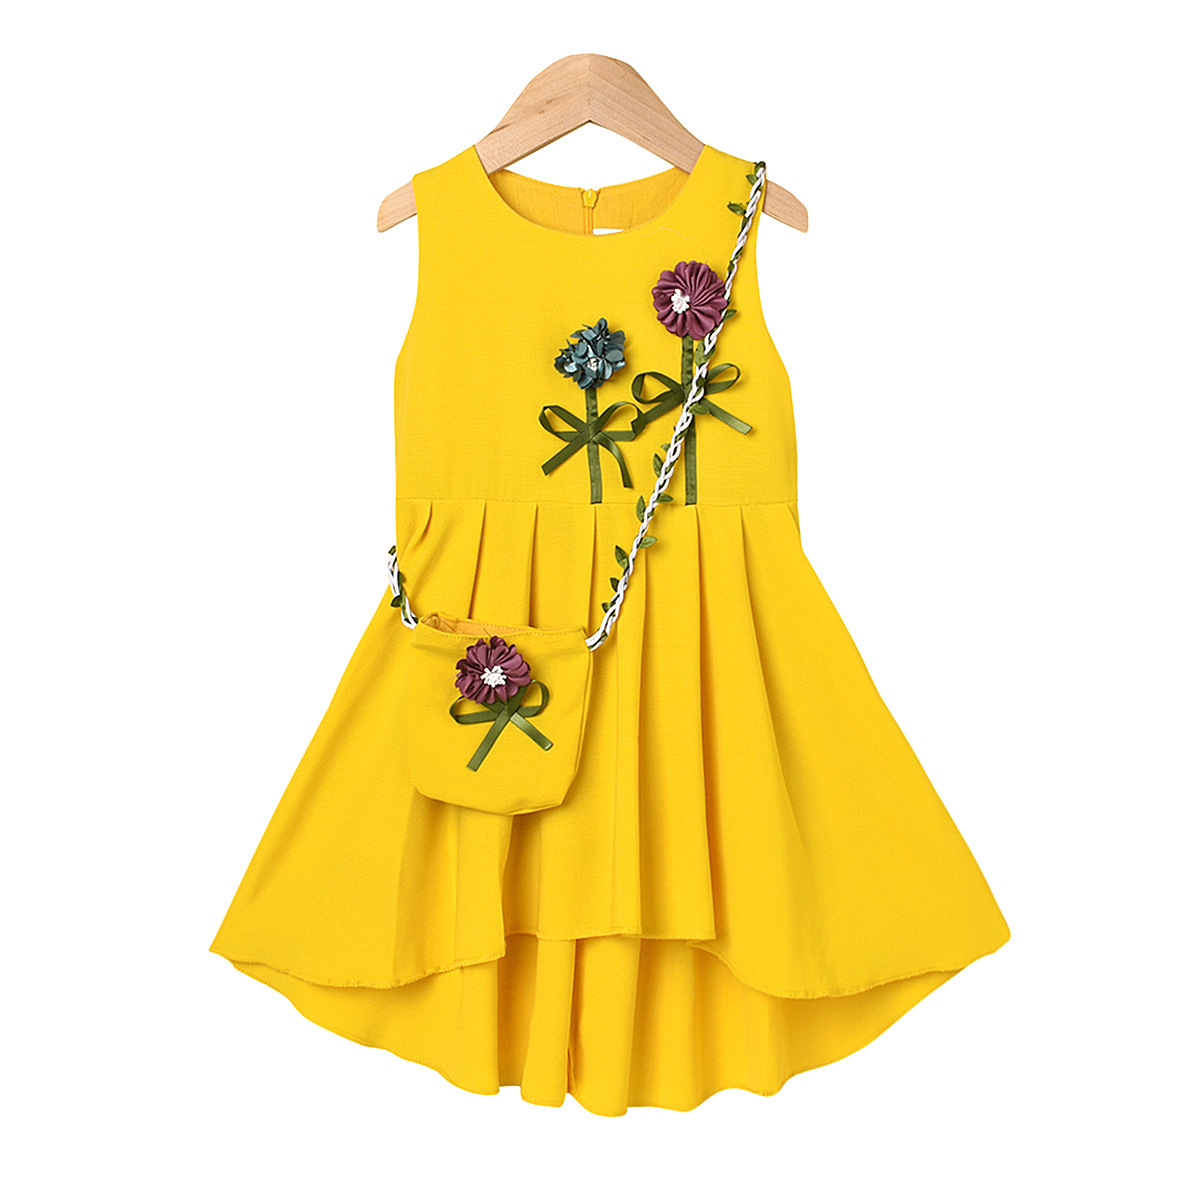 Bolsa N28 vestido amarillo